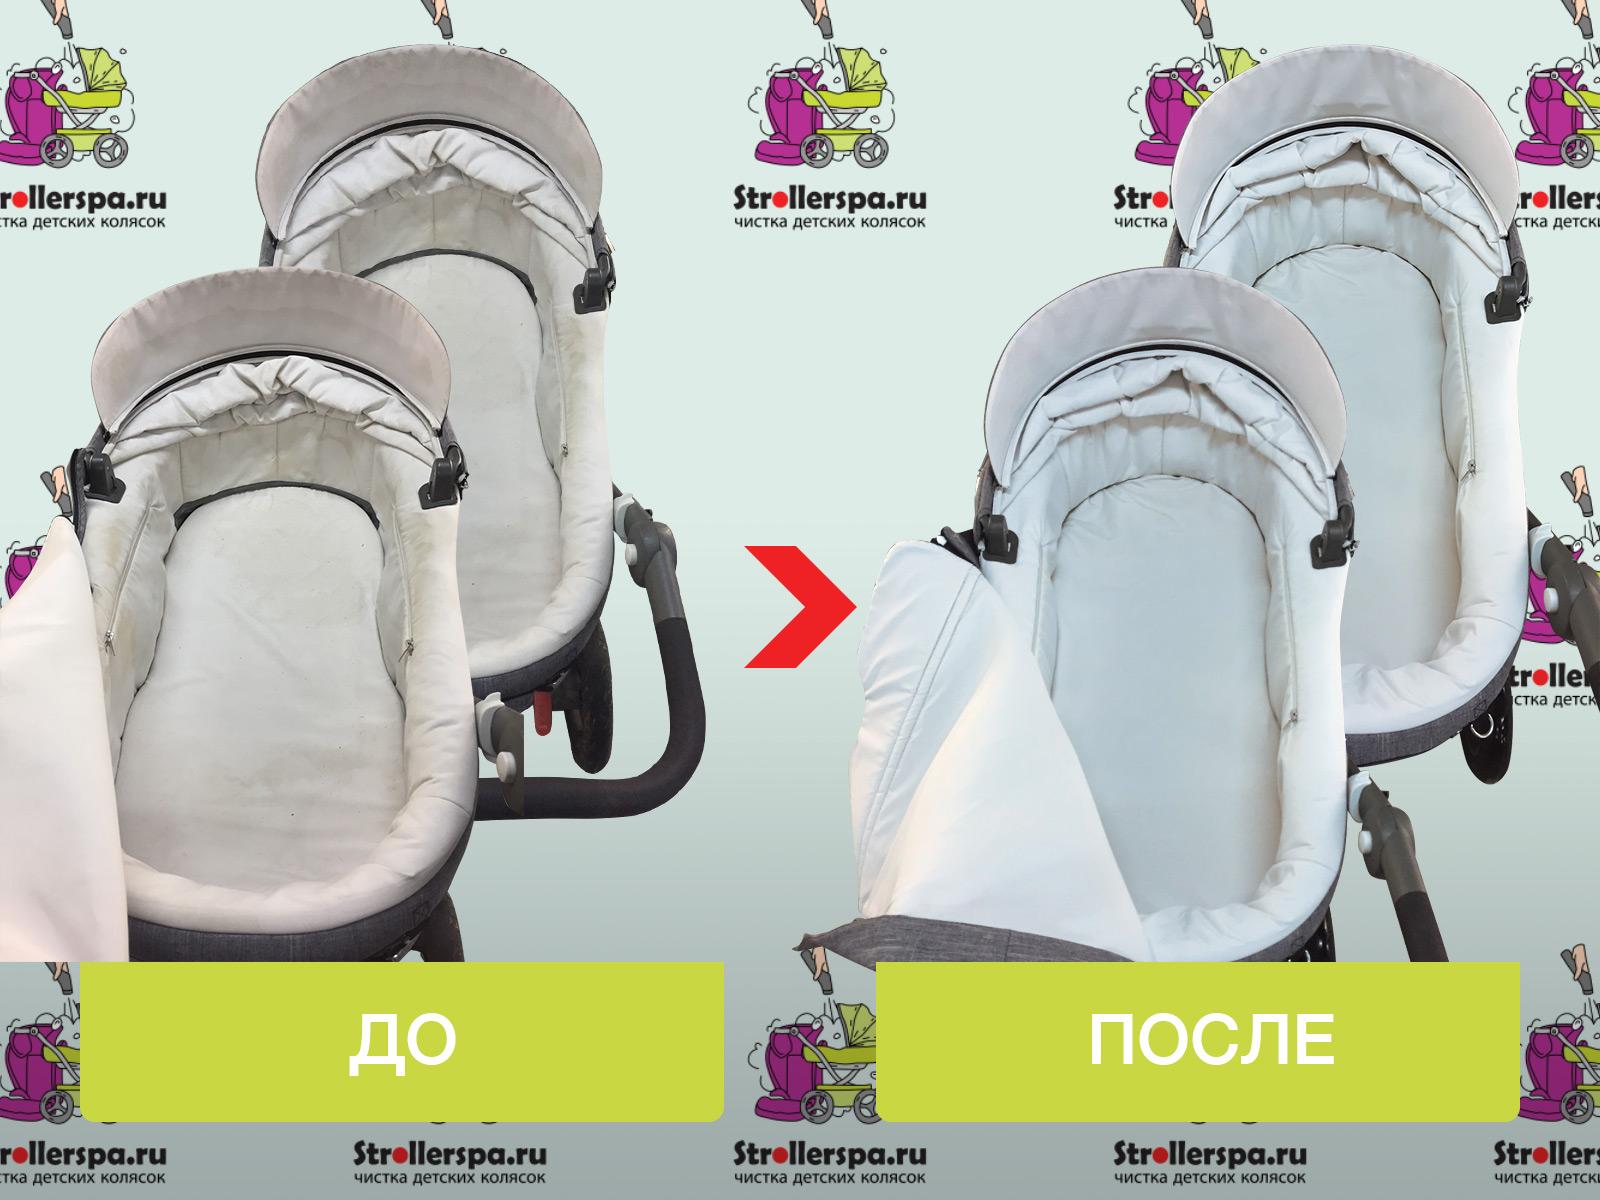 kartinka-Himchistka-kolyasok-strollerspa